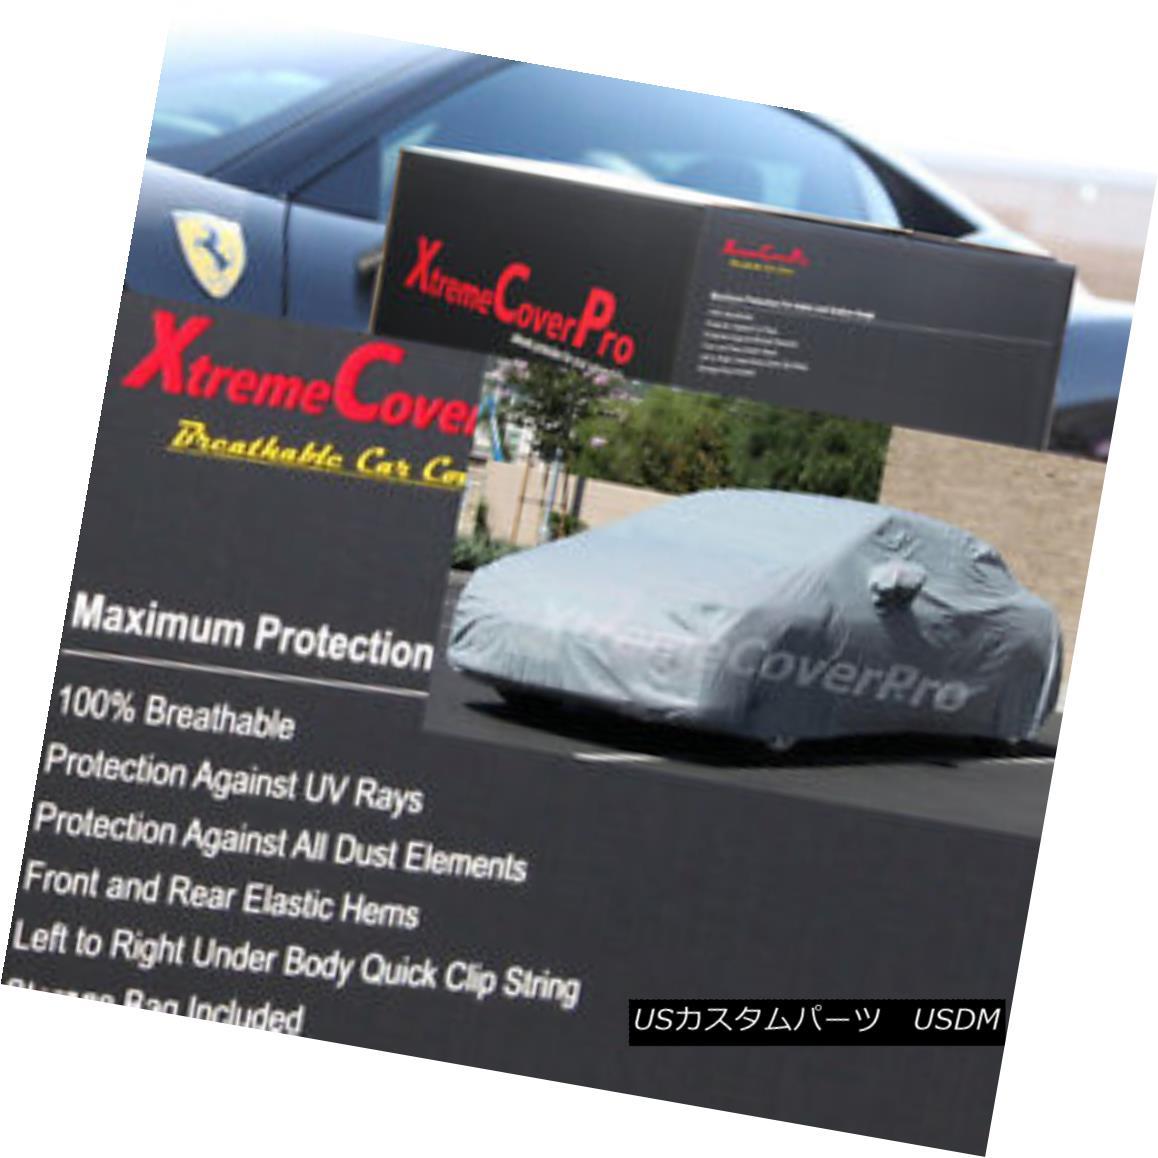 カーカバー 2016 2017 2018 MERCEDES E400 E550 CABRIOLET BREATHABLE CAR COVER W/MIRROR POCKET 2016 2017 2018メルセデスE400 E550カブリオレブリーザブルカーカバーW /ミラーポケット